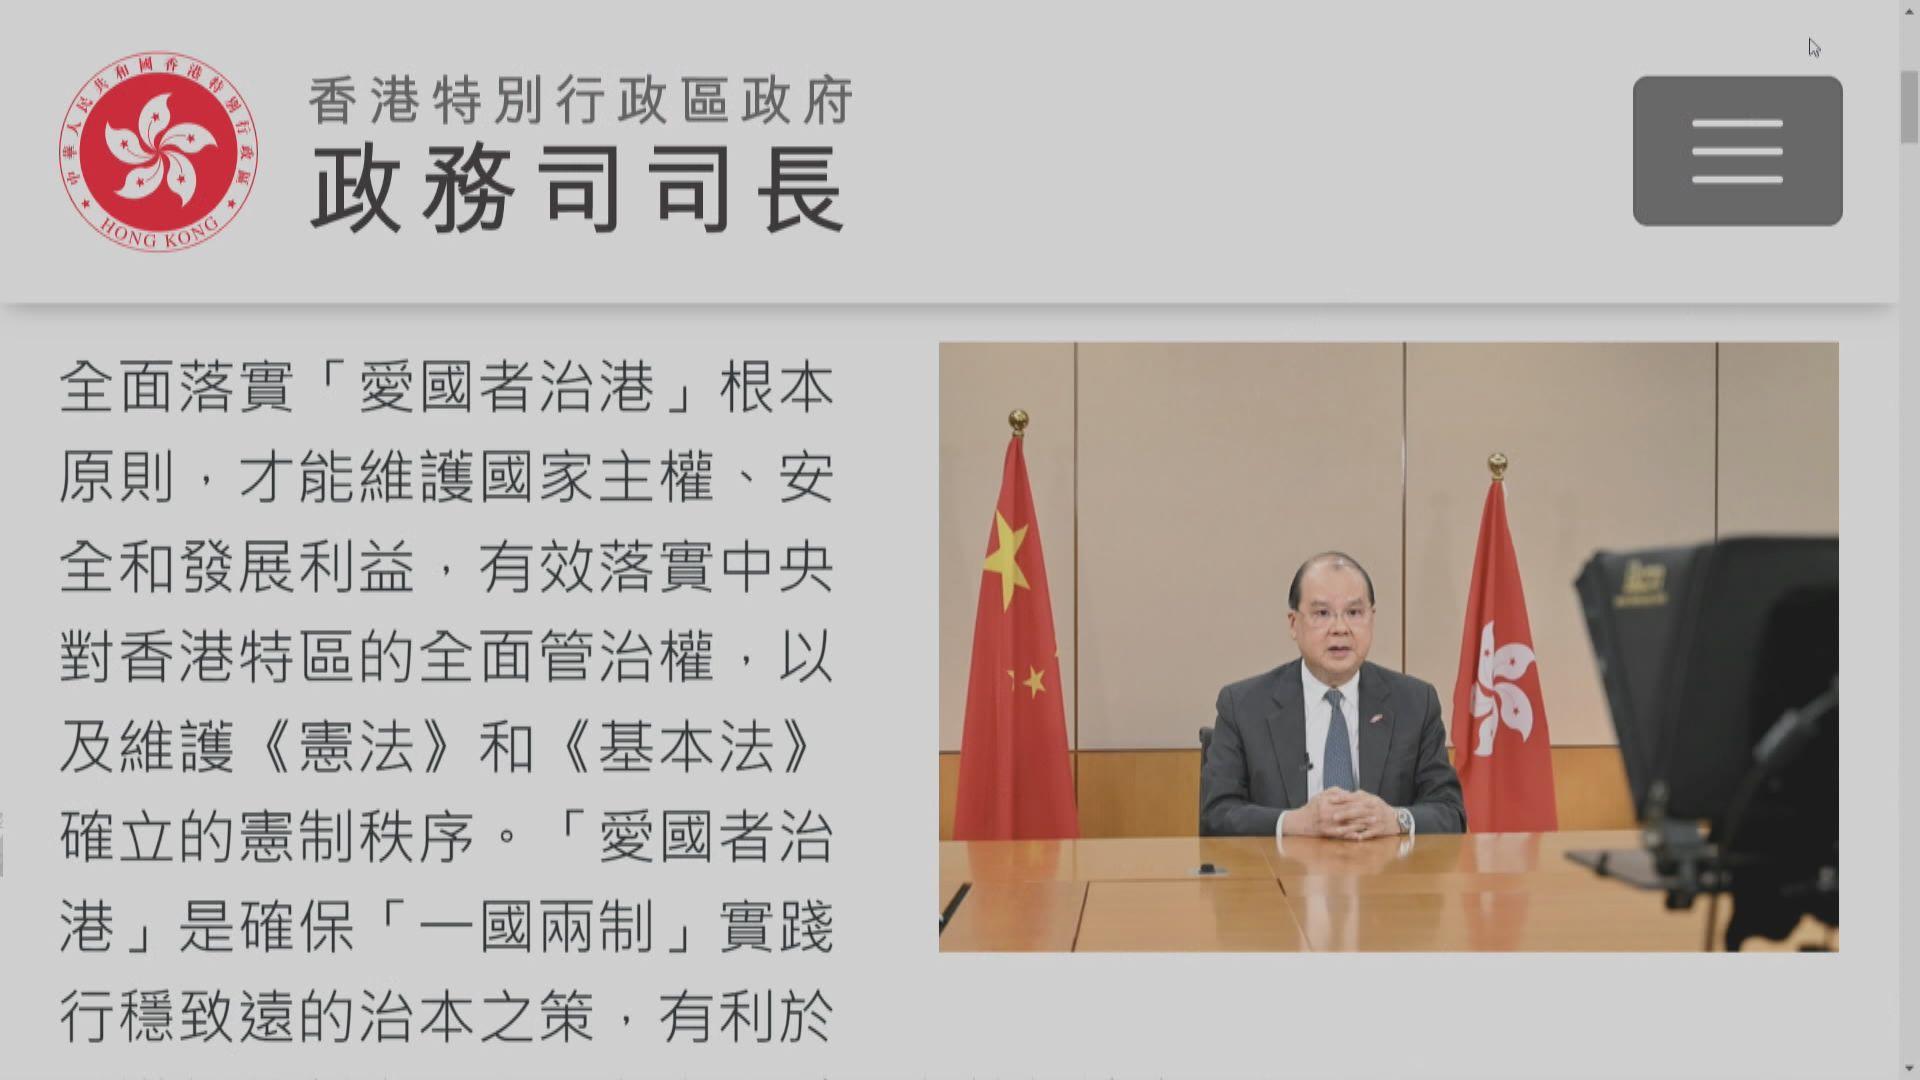 張建宗:改革選舉制度刻不容緩 特區全面配合落實